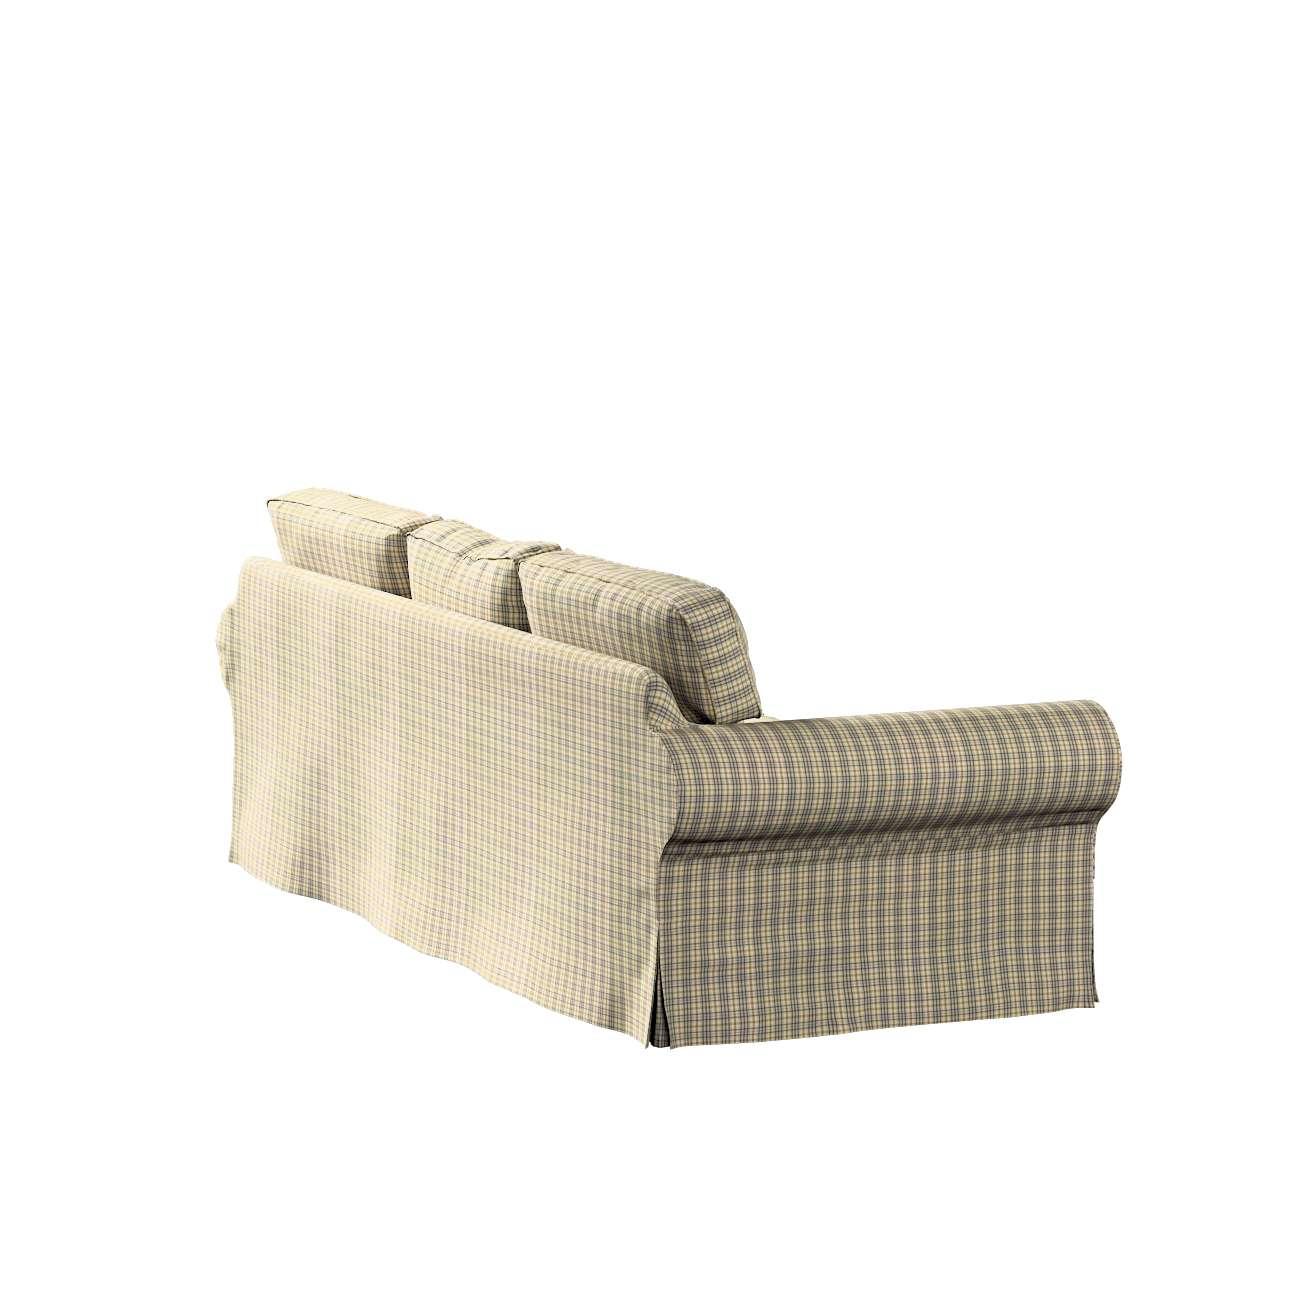 Pokrowiec na sofę Ektorp 3-osobową, rozkładaną, PIXBO w kolekcji Londres, tkanina: 143-39